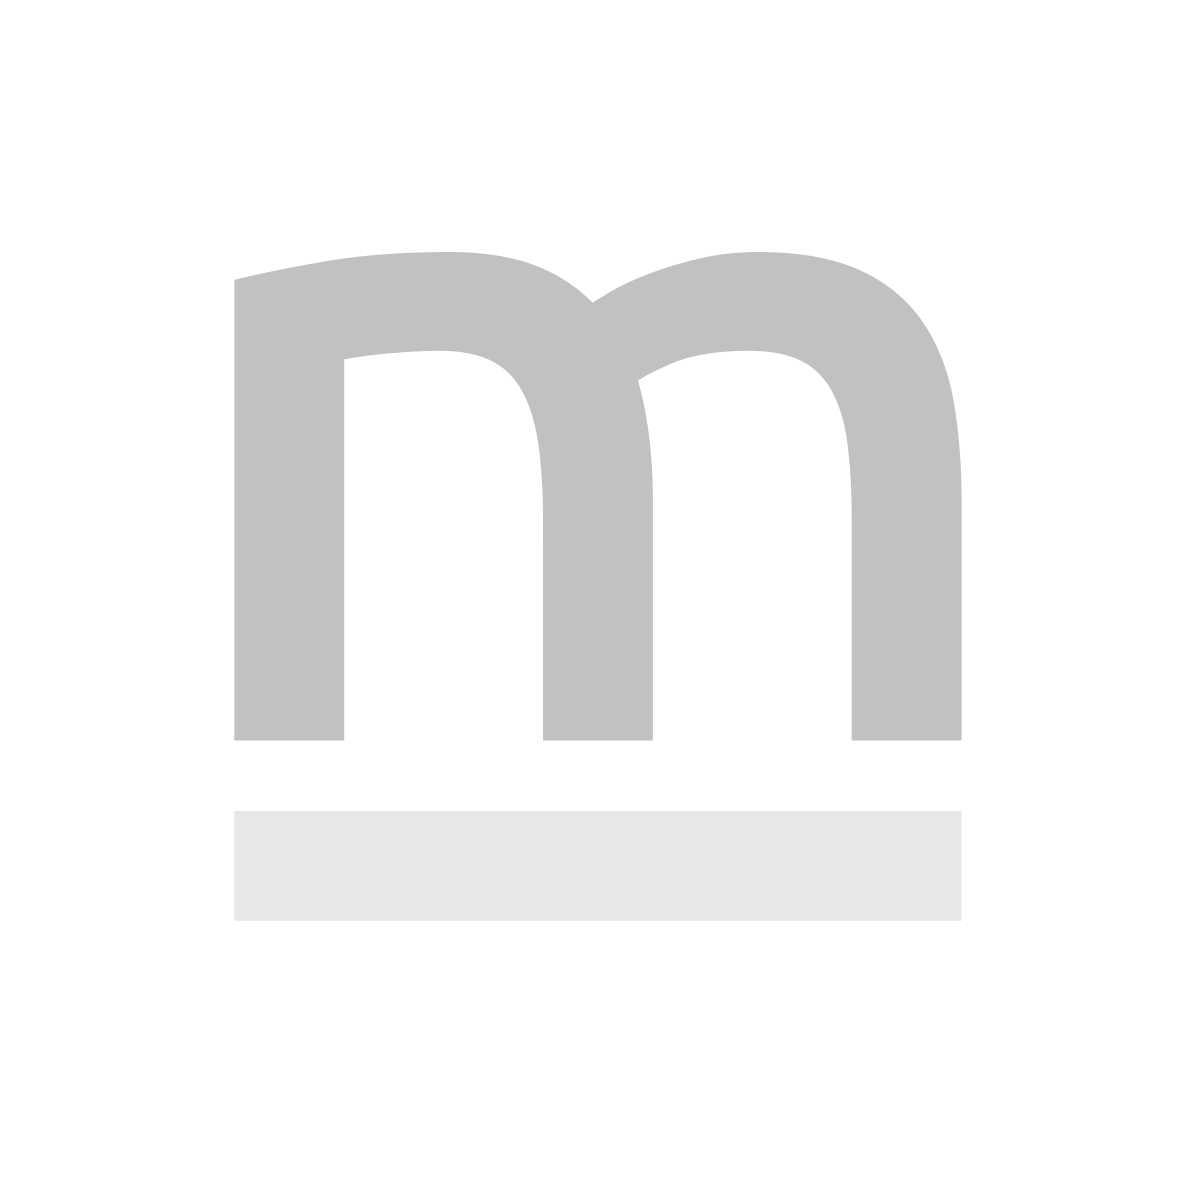 Łóżko LIGHT 3D 160x70 czarne samochód